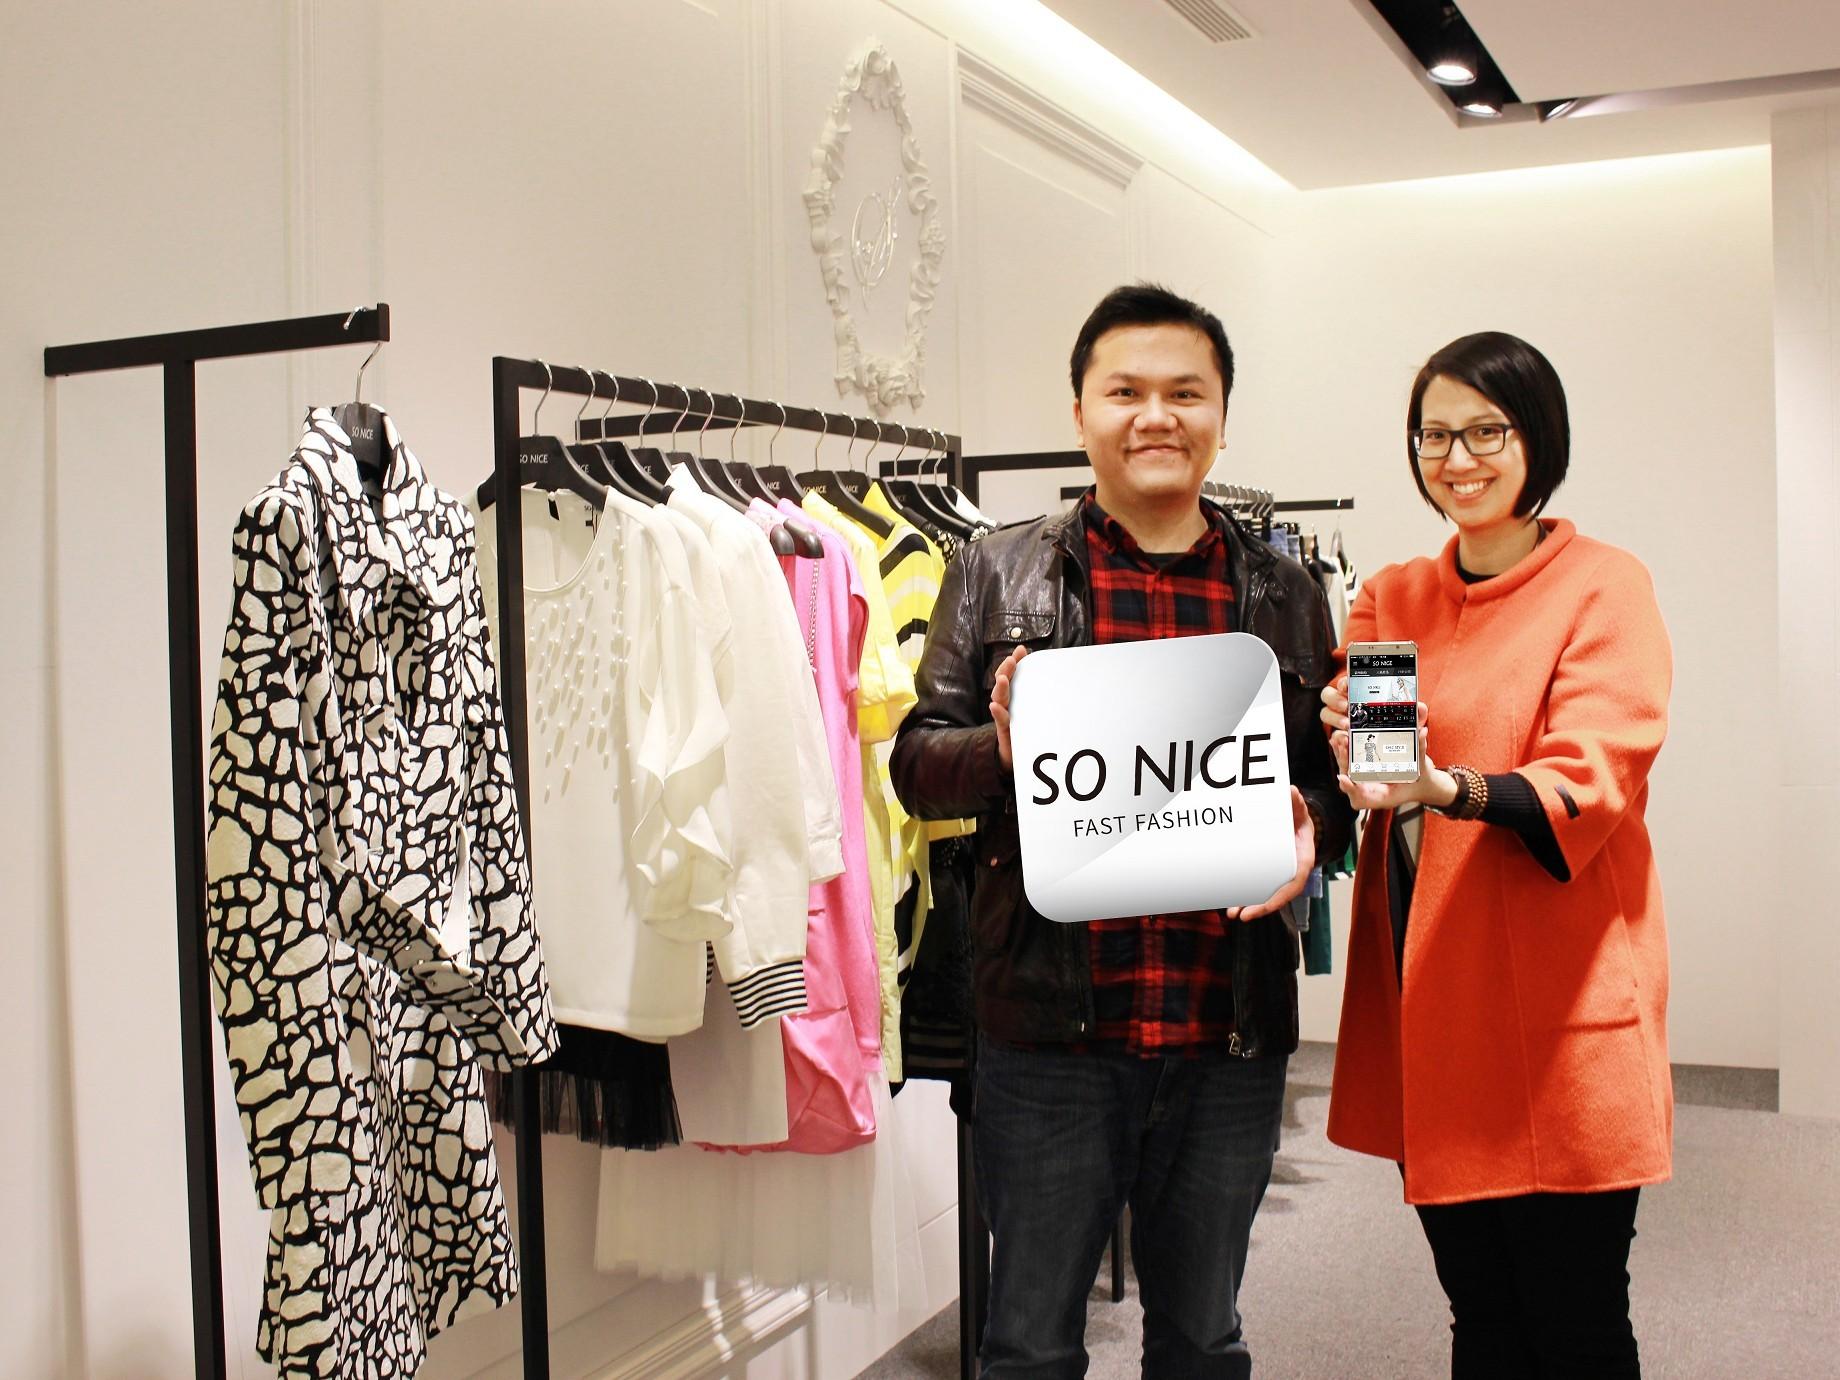 台灣快時尚SO NICE,切入行動電商,帶來4成新客、創4倍業績